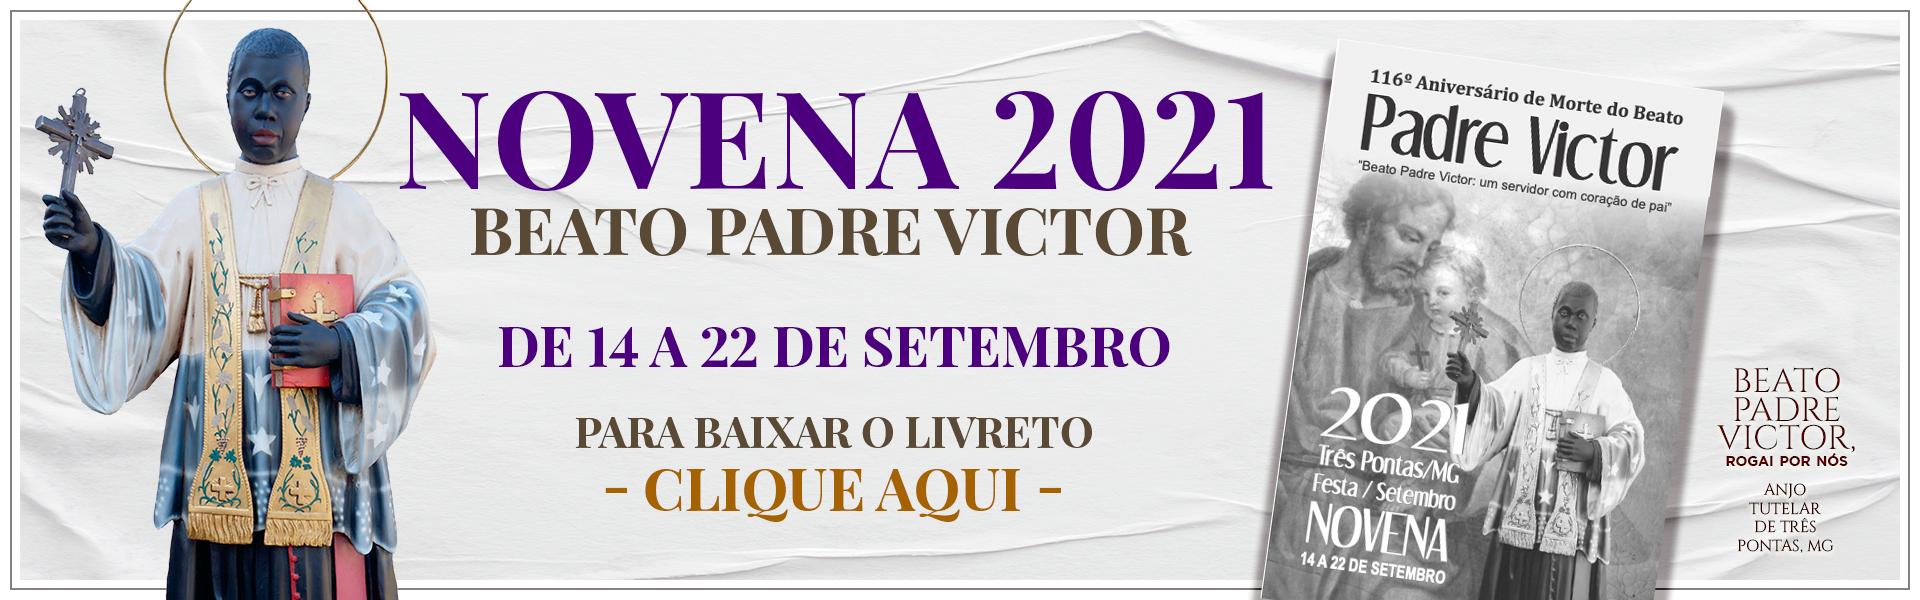 Novena 2021